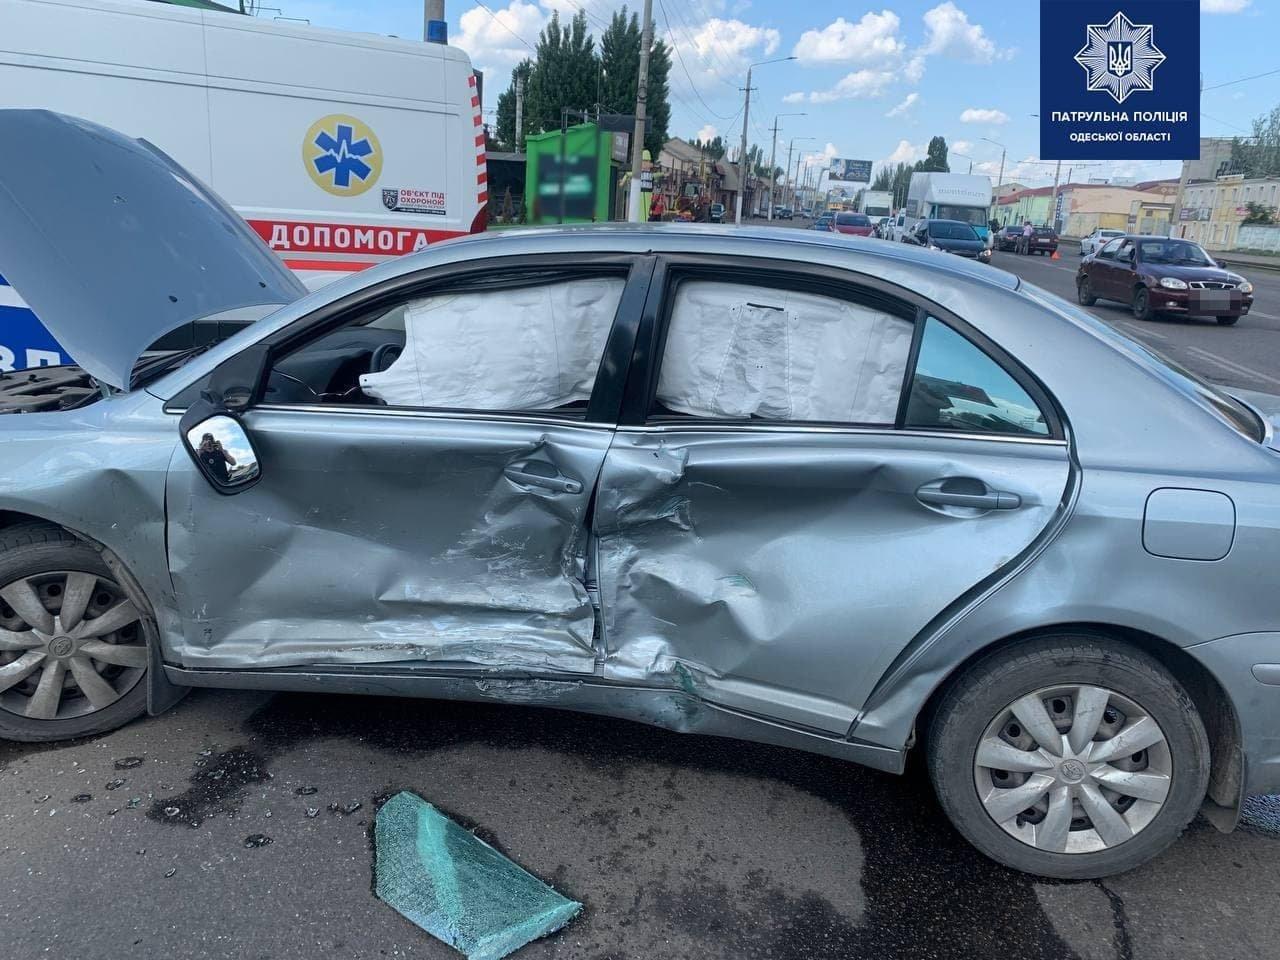 В Одессе столкнулись два автомобиля, есть пострадавший, - ФОТО, фото-3